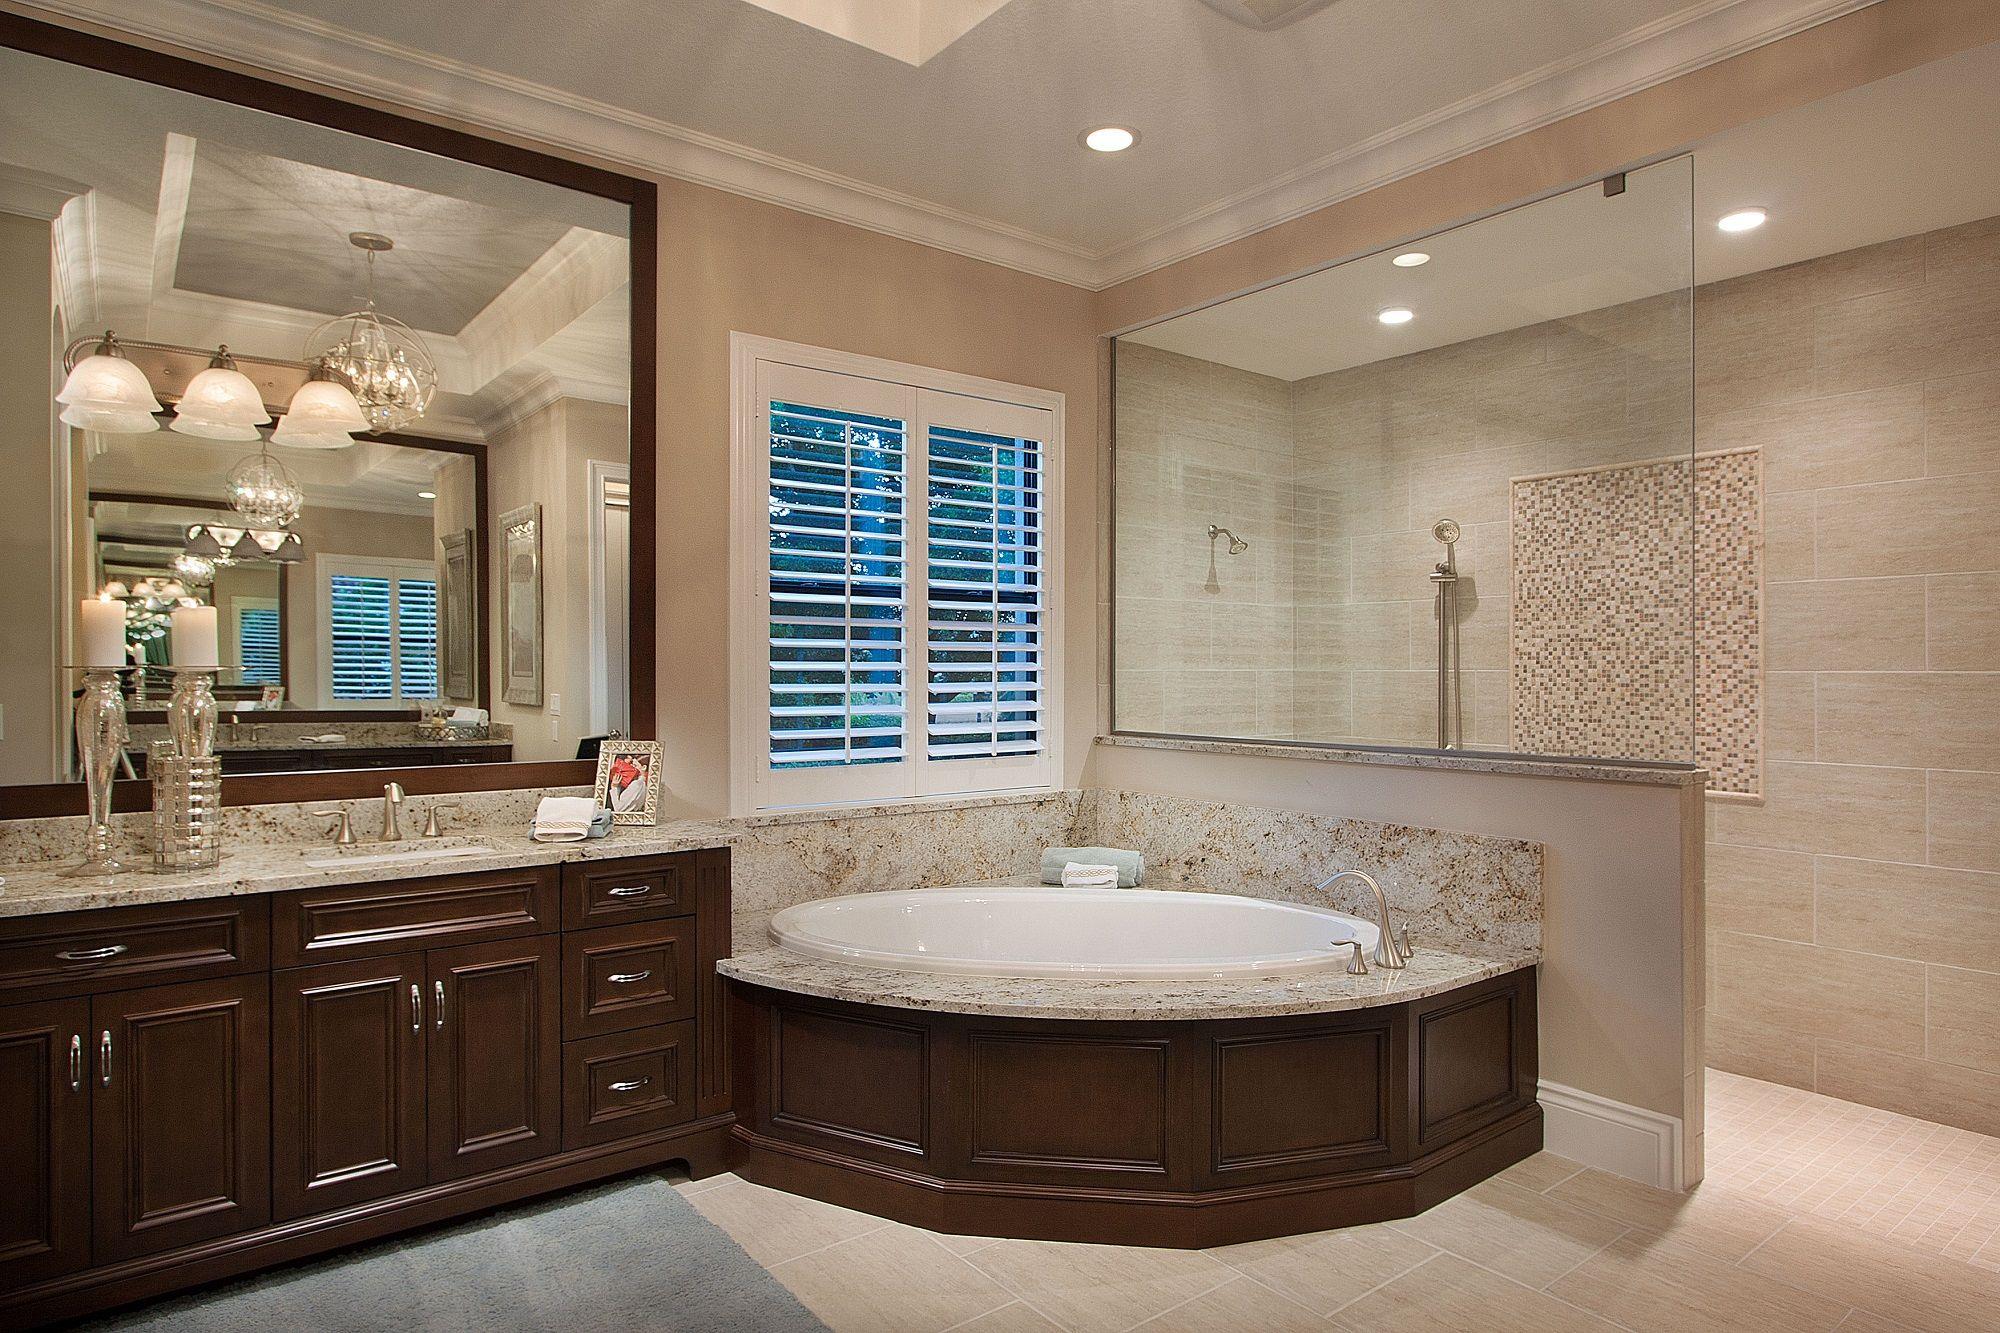 Master bathroom at Emerald Homes Mirabella Model at